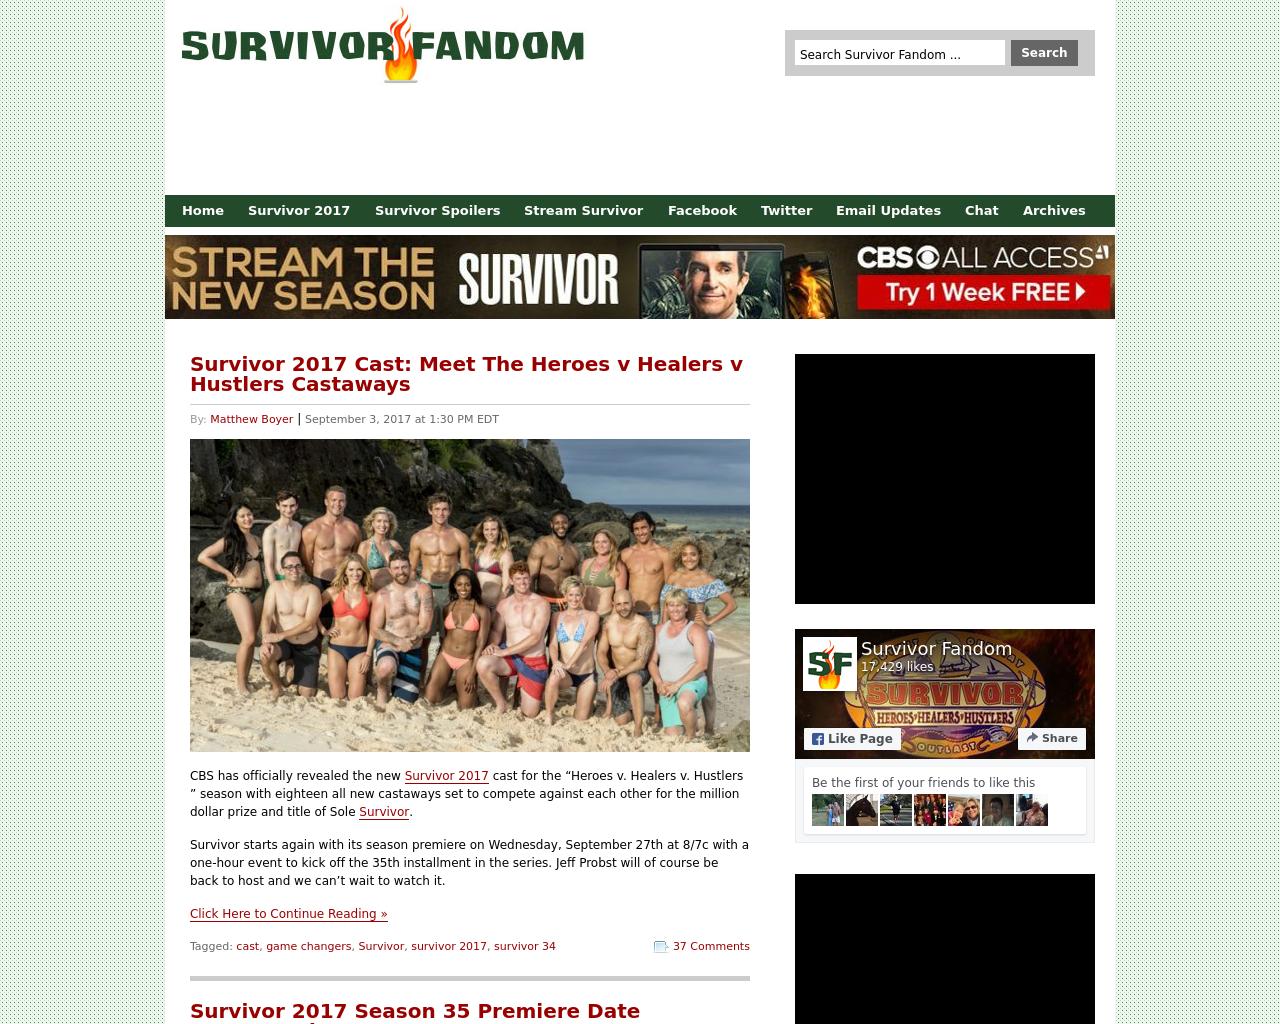 Survivor-Fandom-Advertising-Reviews-Pricing